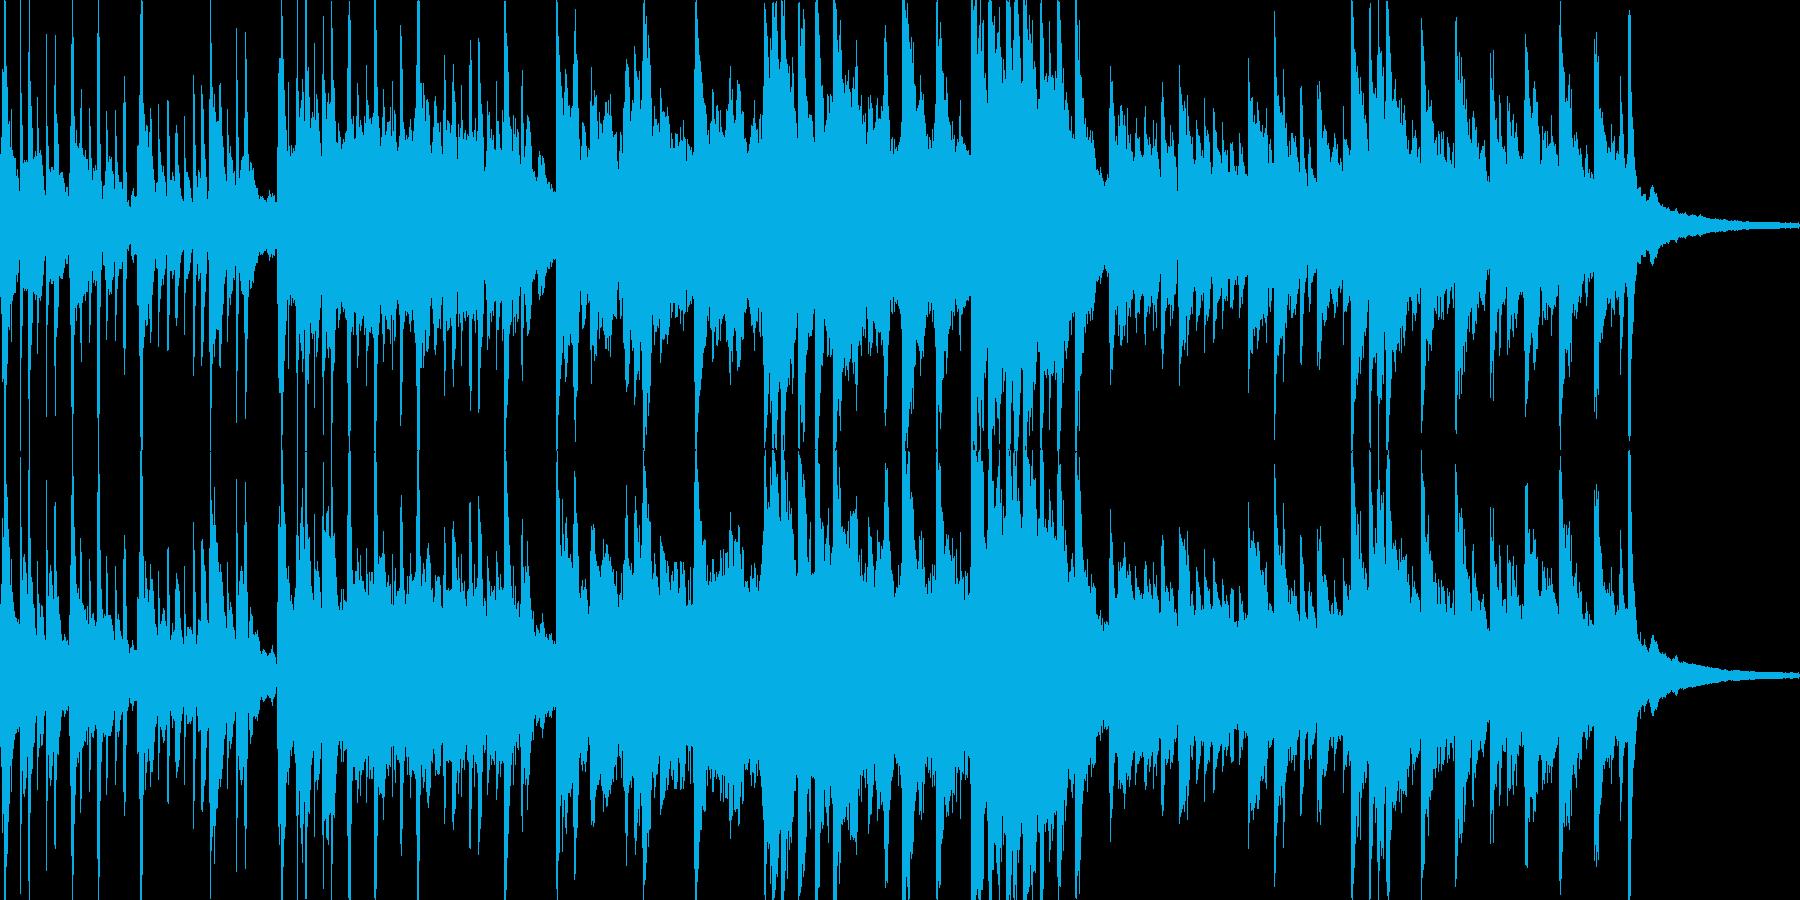 ピアノがメインの曲の再生済みの波形